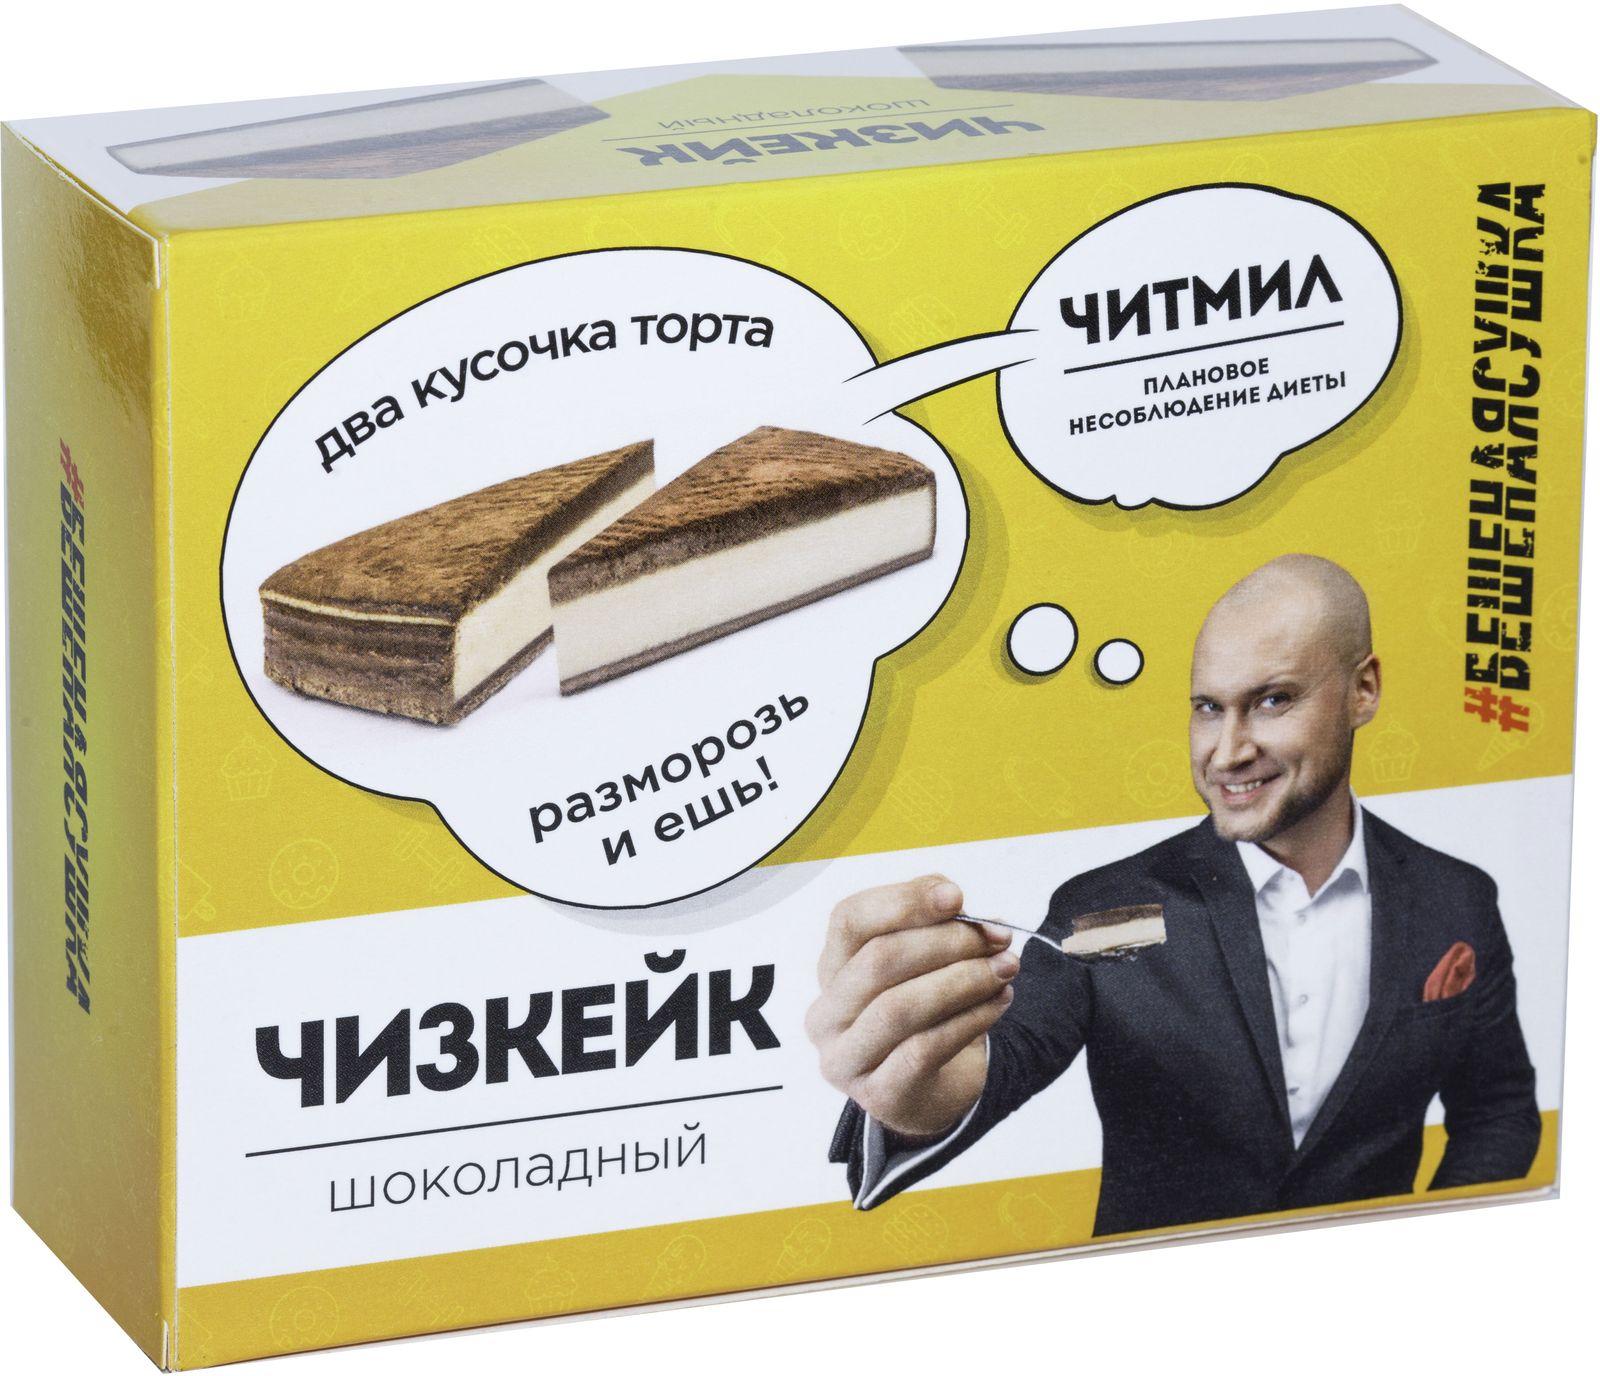 #Бешенаясушка Чизкейк Шоколадный, 2 х 95 г сладкая сказка печенье дед мороз и снегурочка 400 г